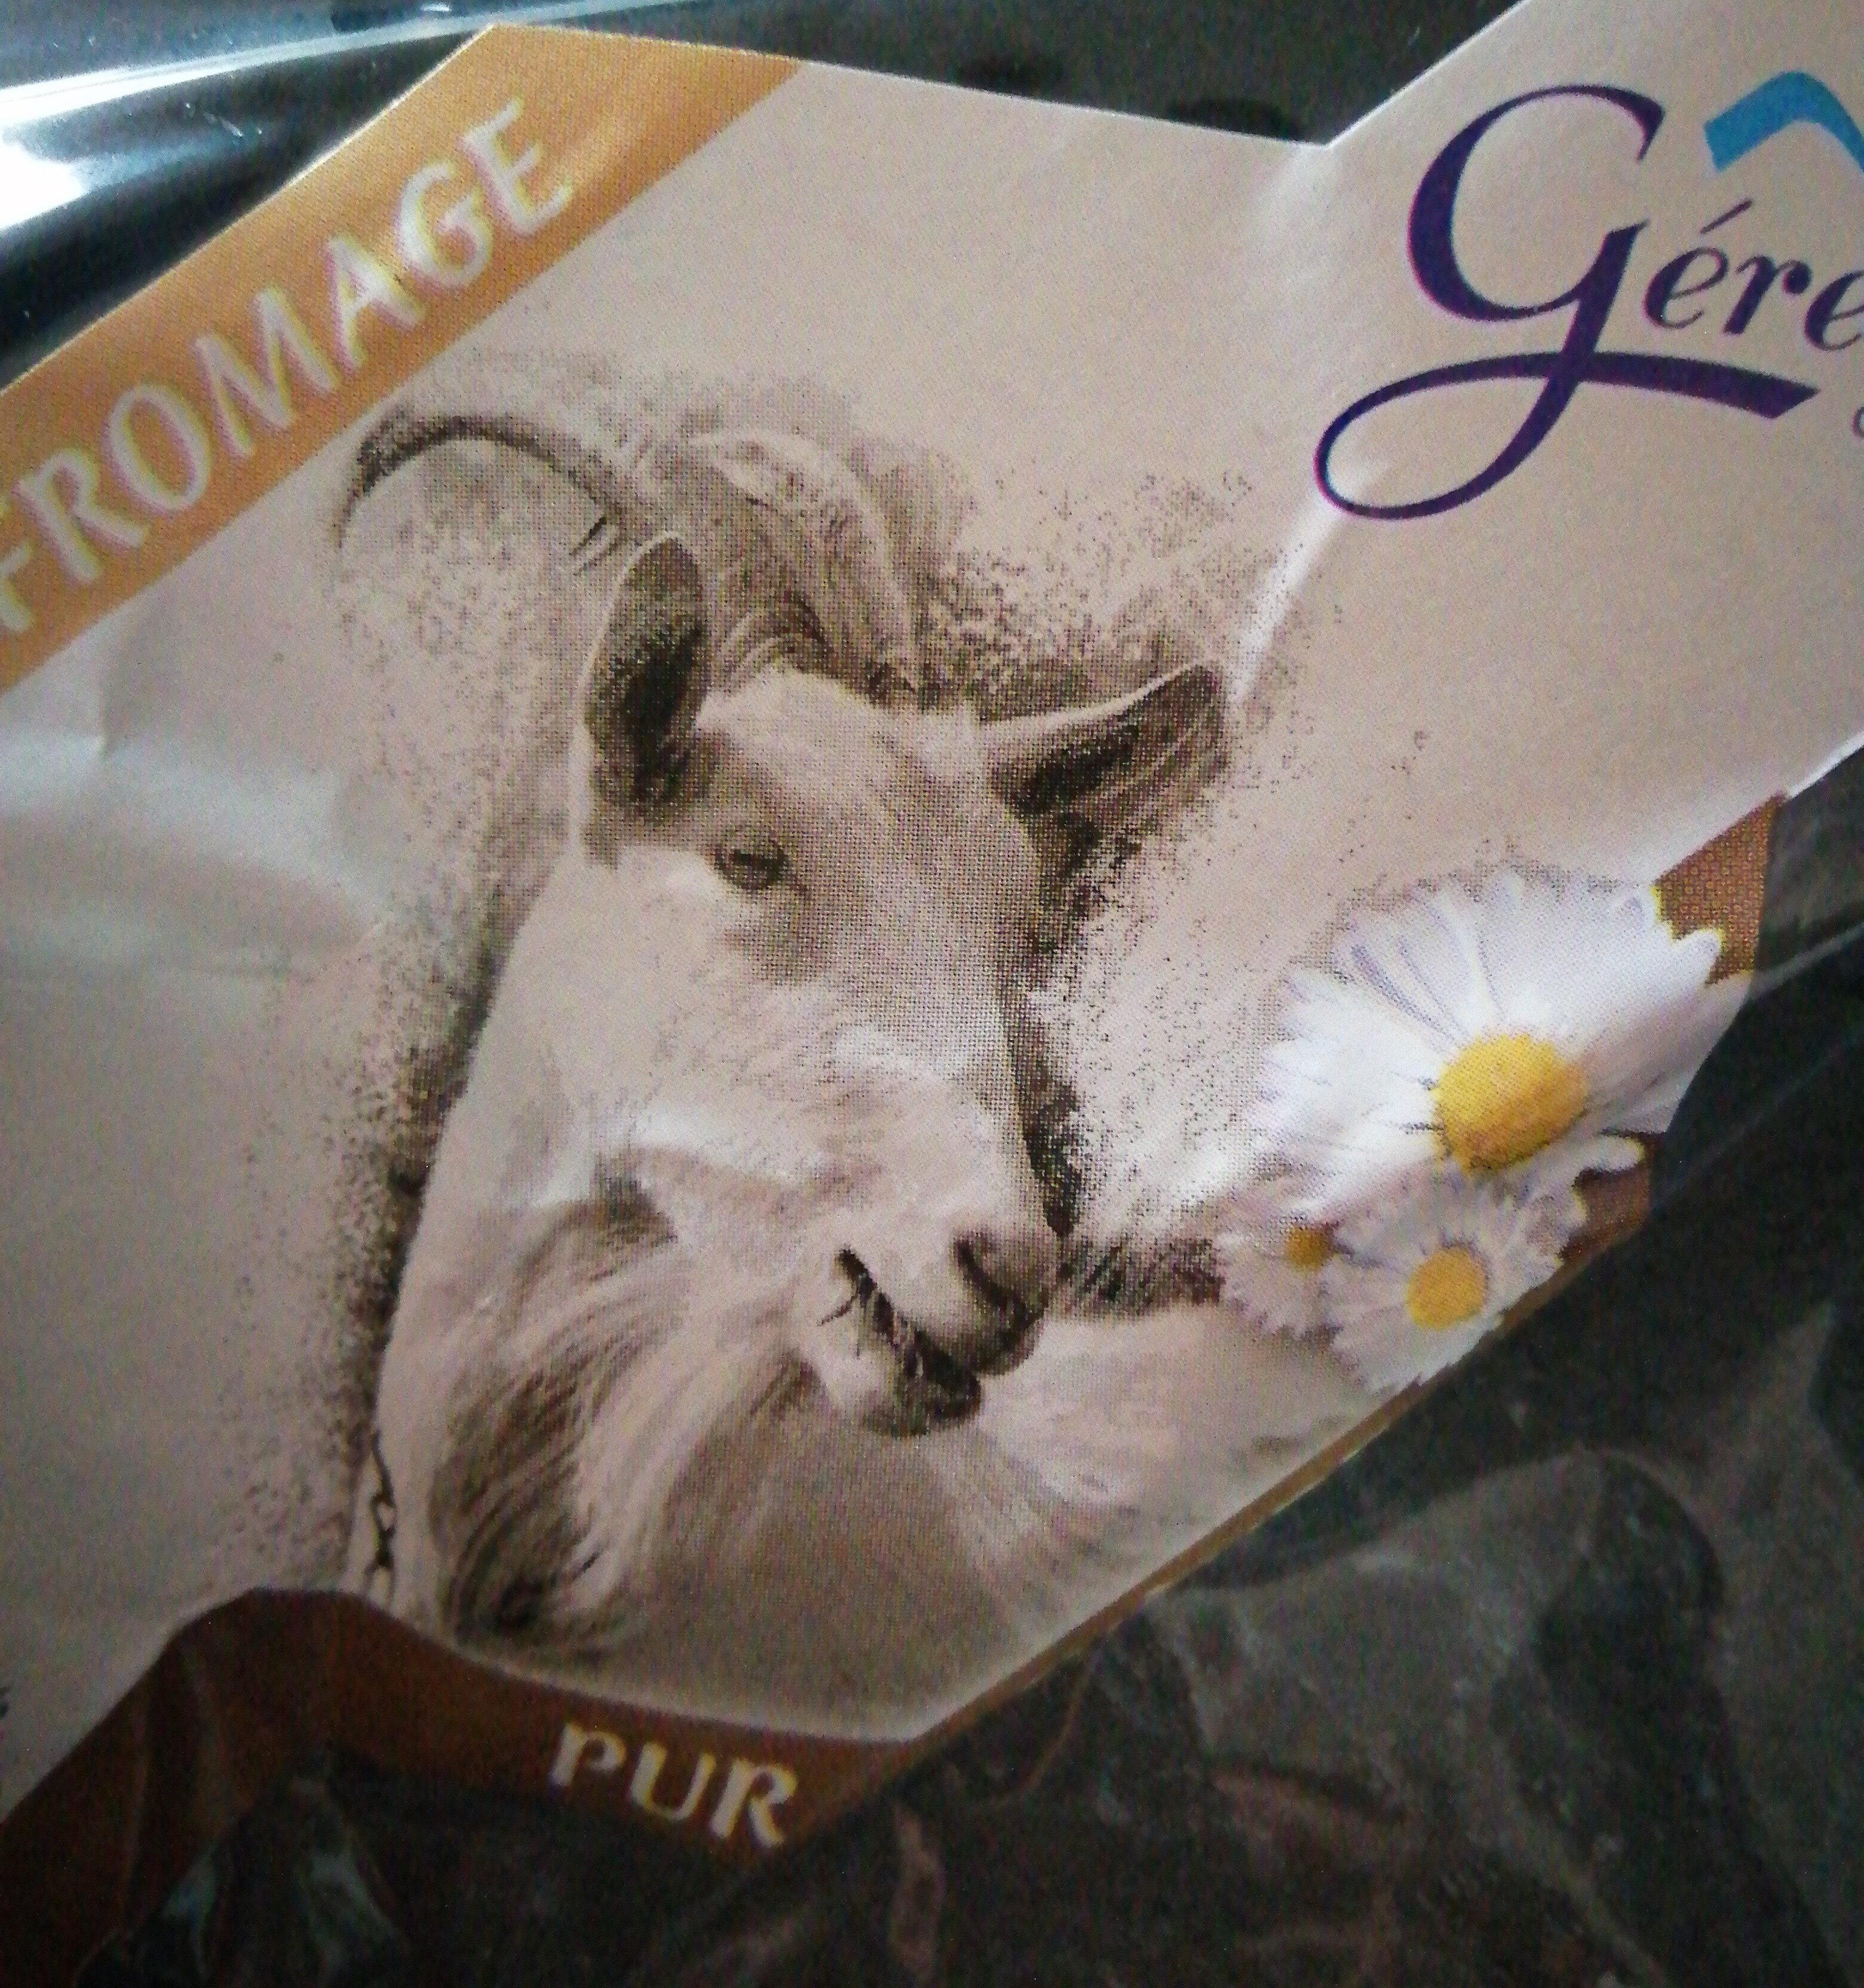 bûche de chèvre - Product